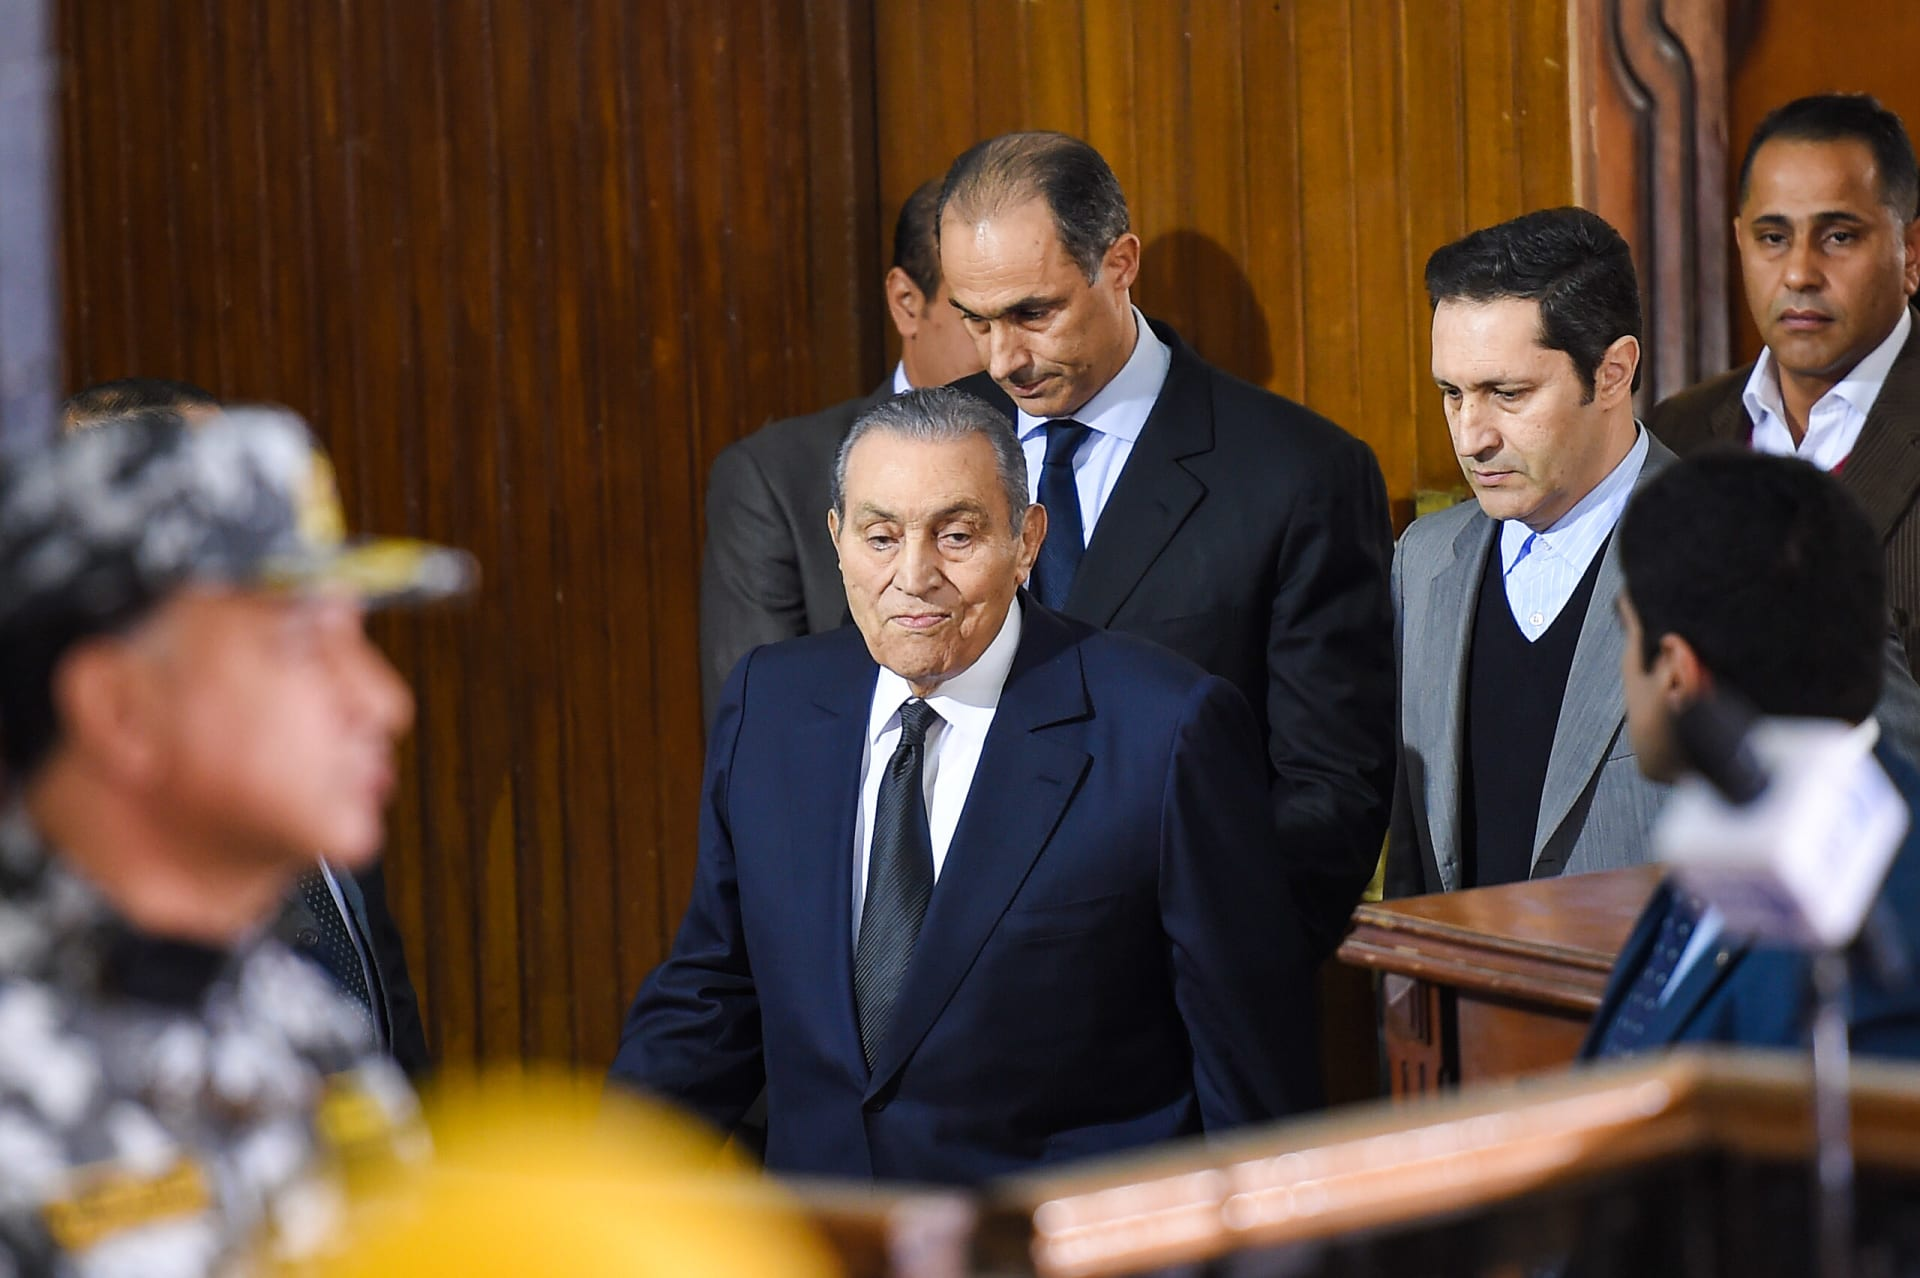 حفيد حسني مبارك ينشر صورة لجده بعد إجراء عملية جراحية.. فكيف ظهر؟